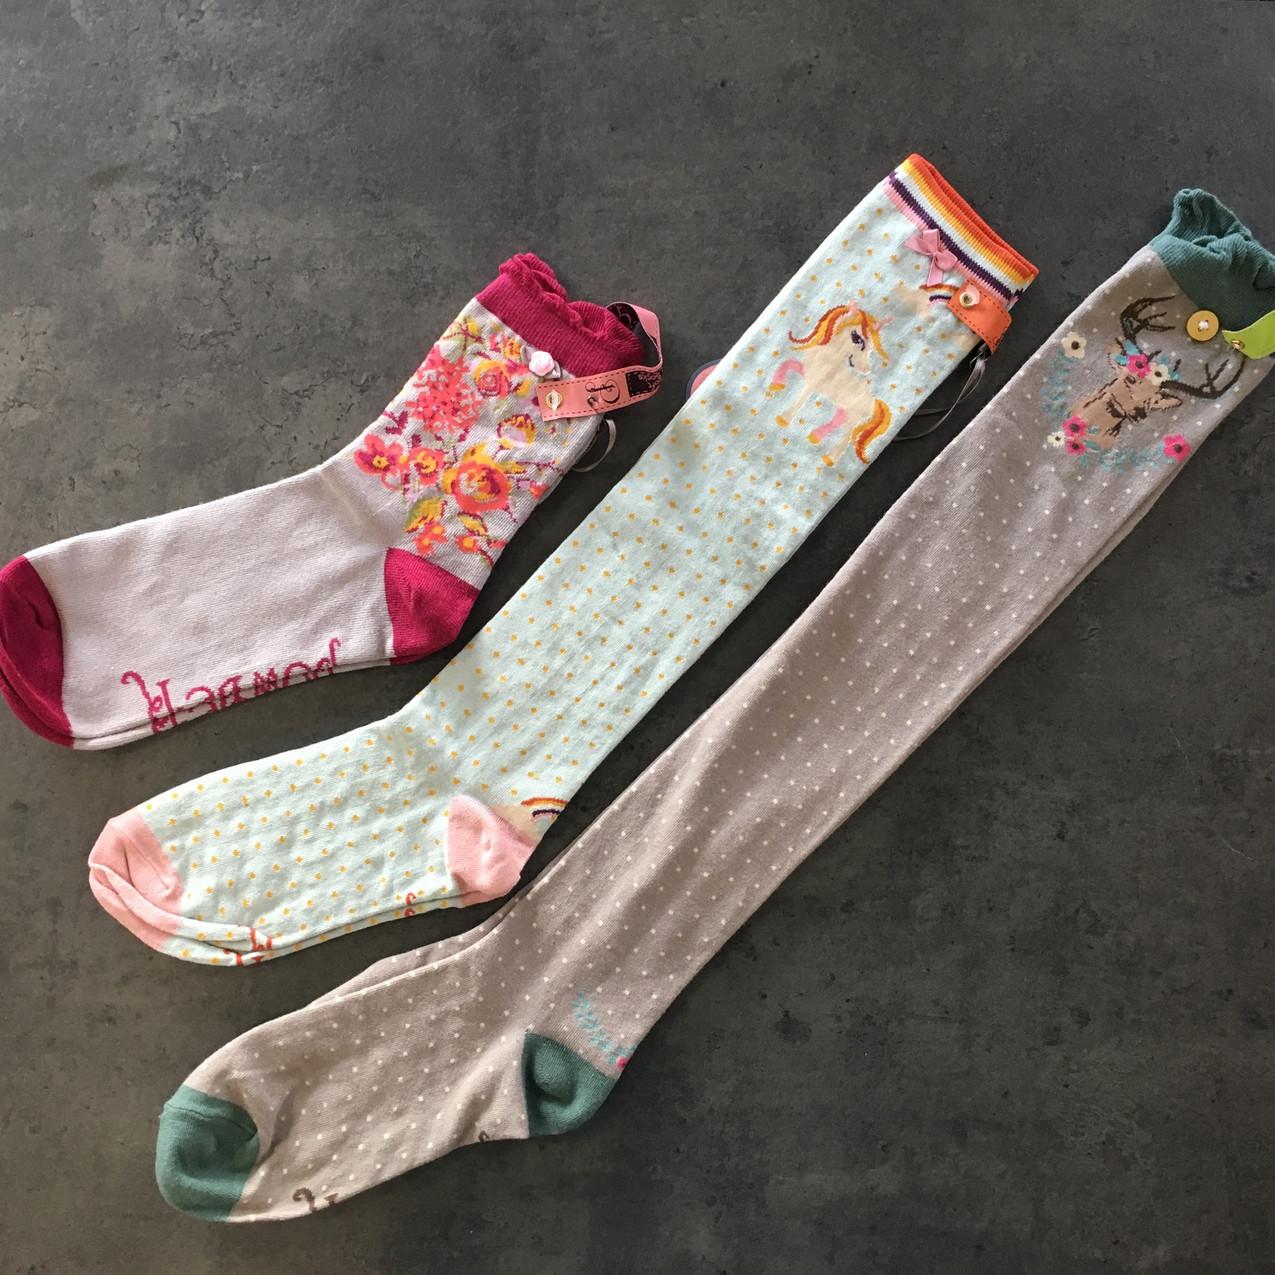 Powder Sock Comparison